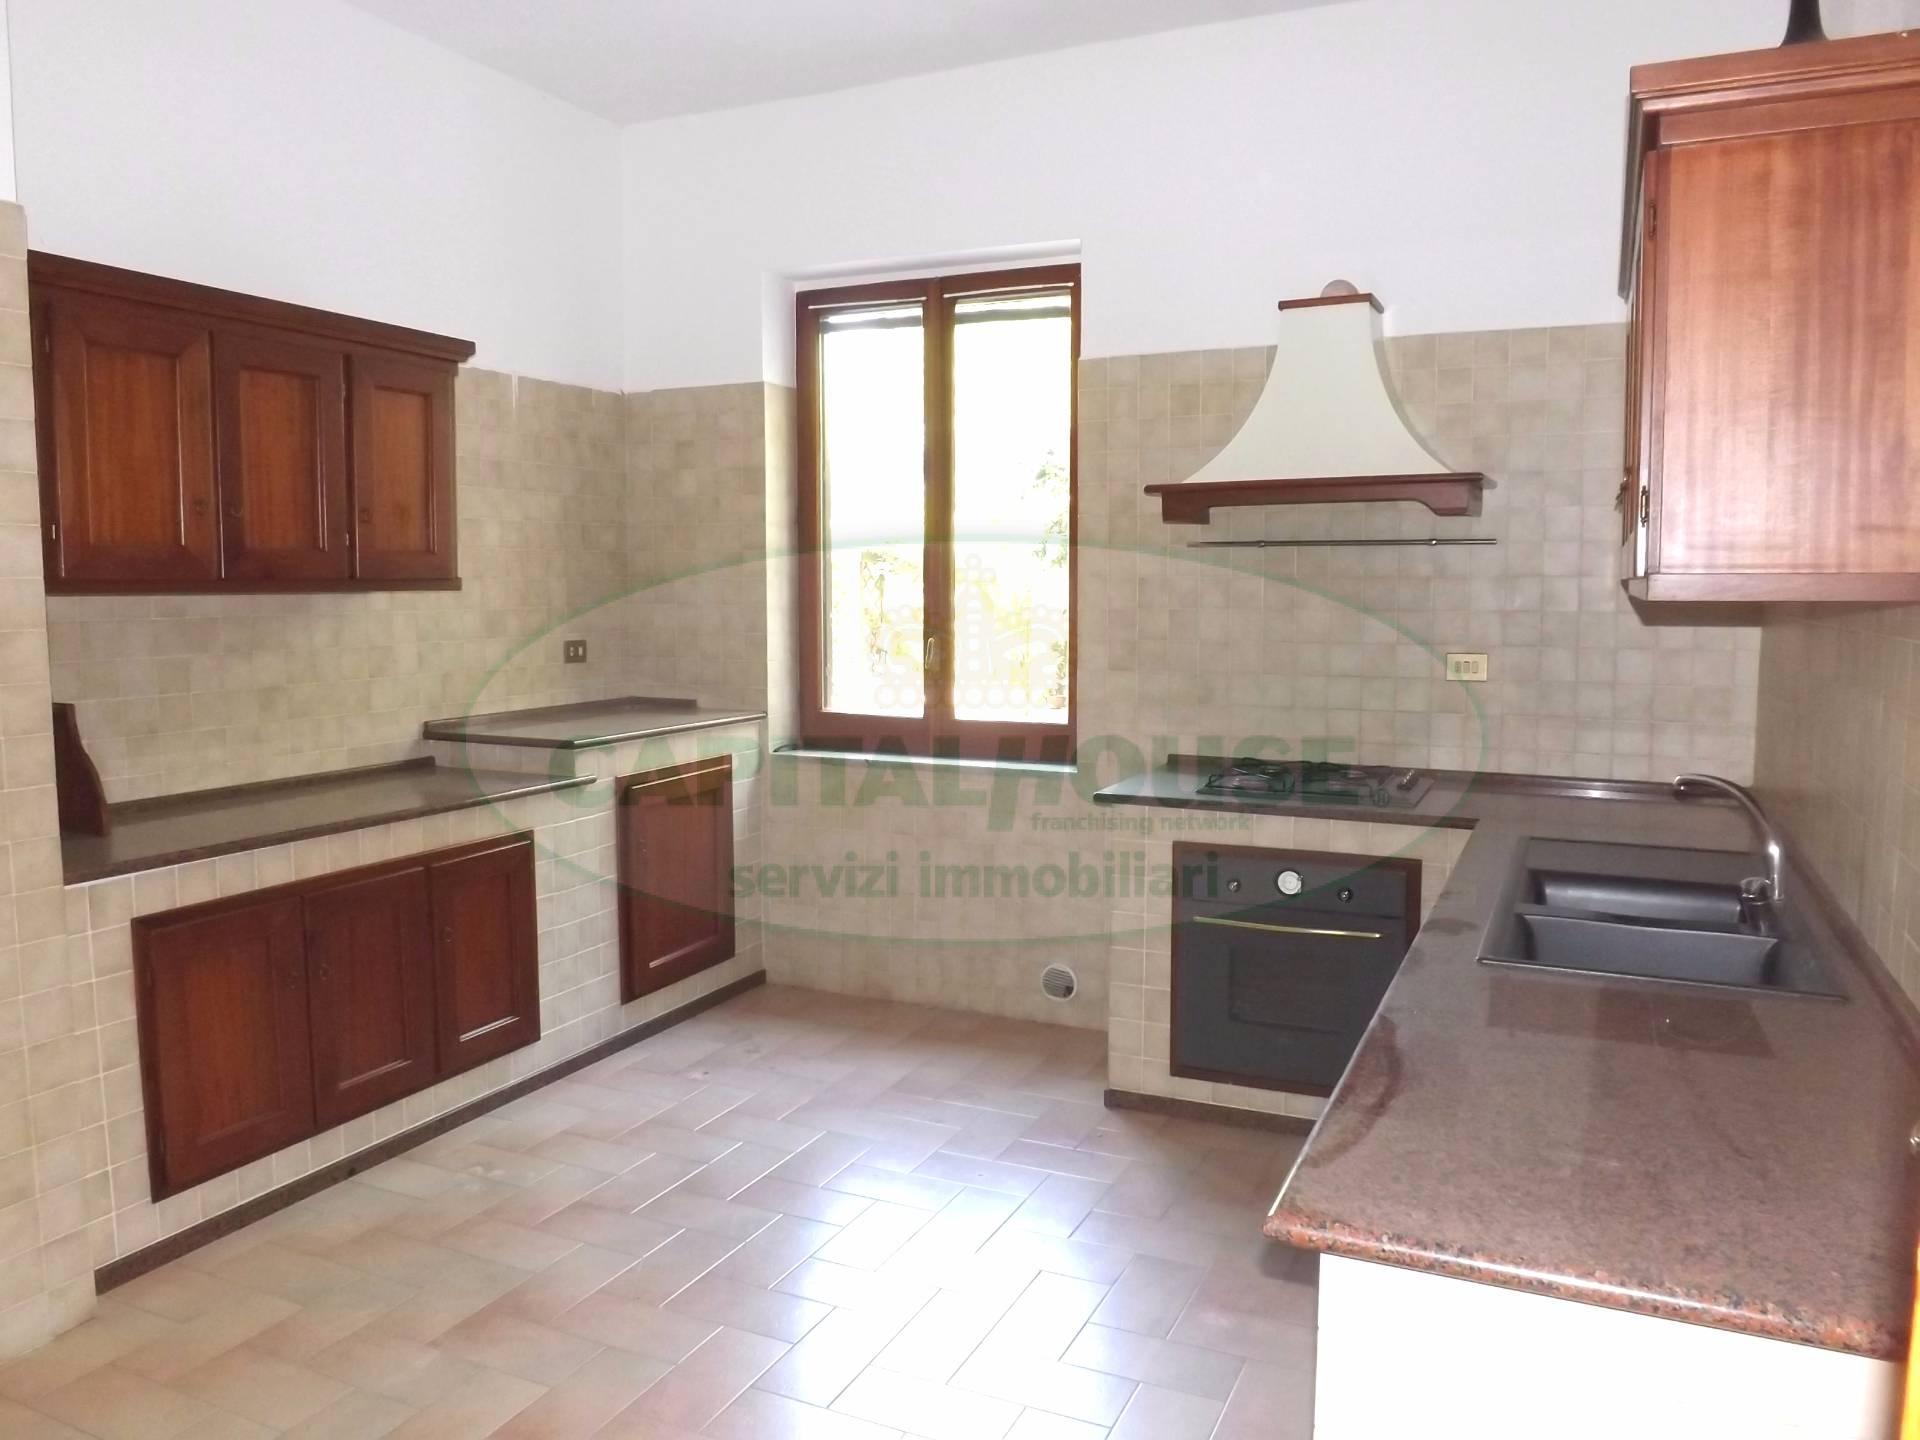 Appartamento in affitto a Manocalzati, 3 locali, prezzo € 400 | CambioCasa.it